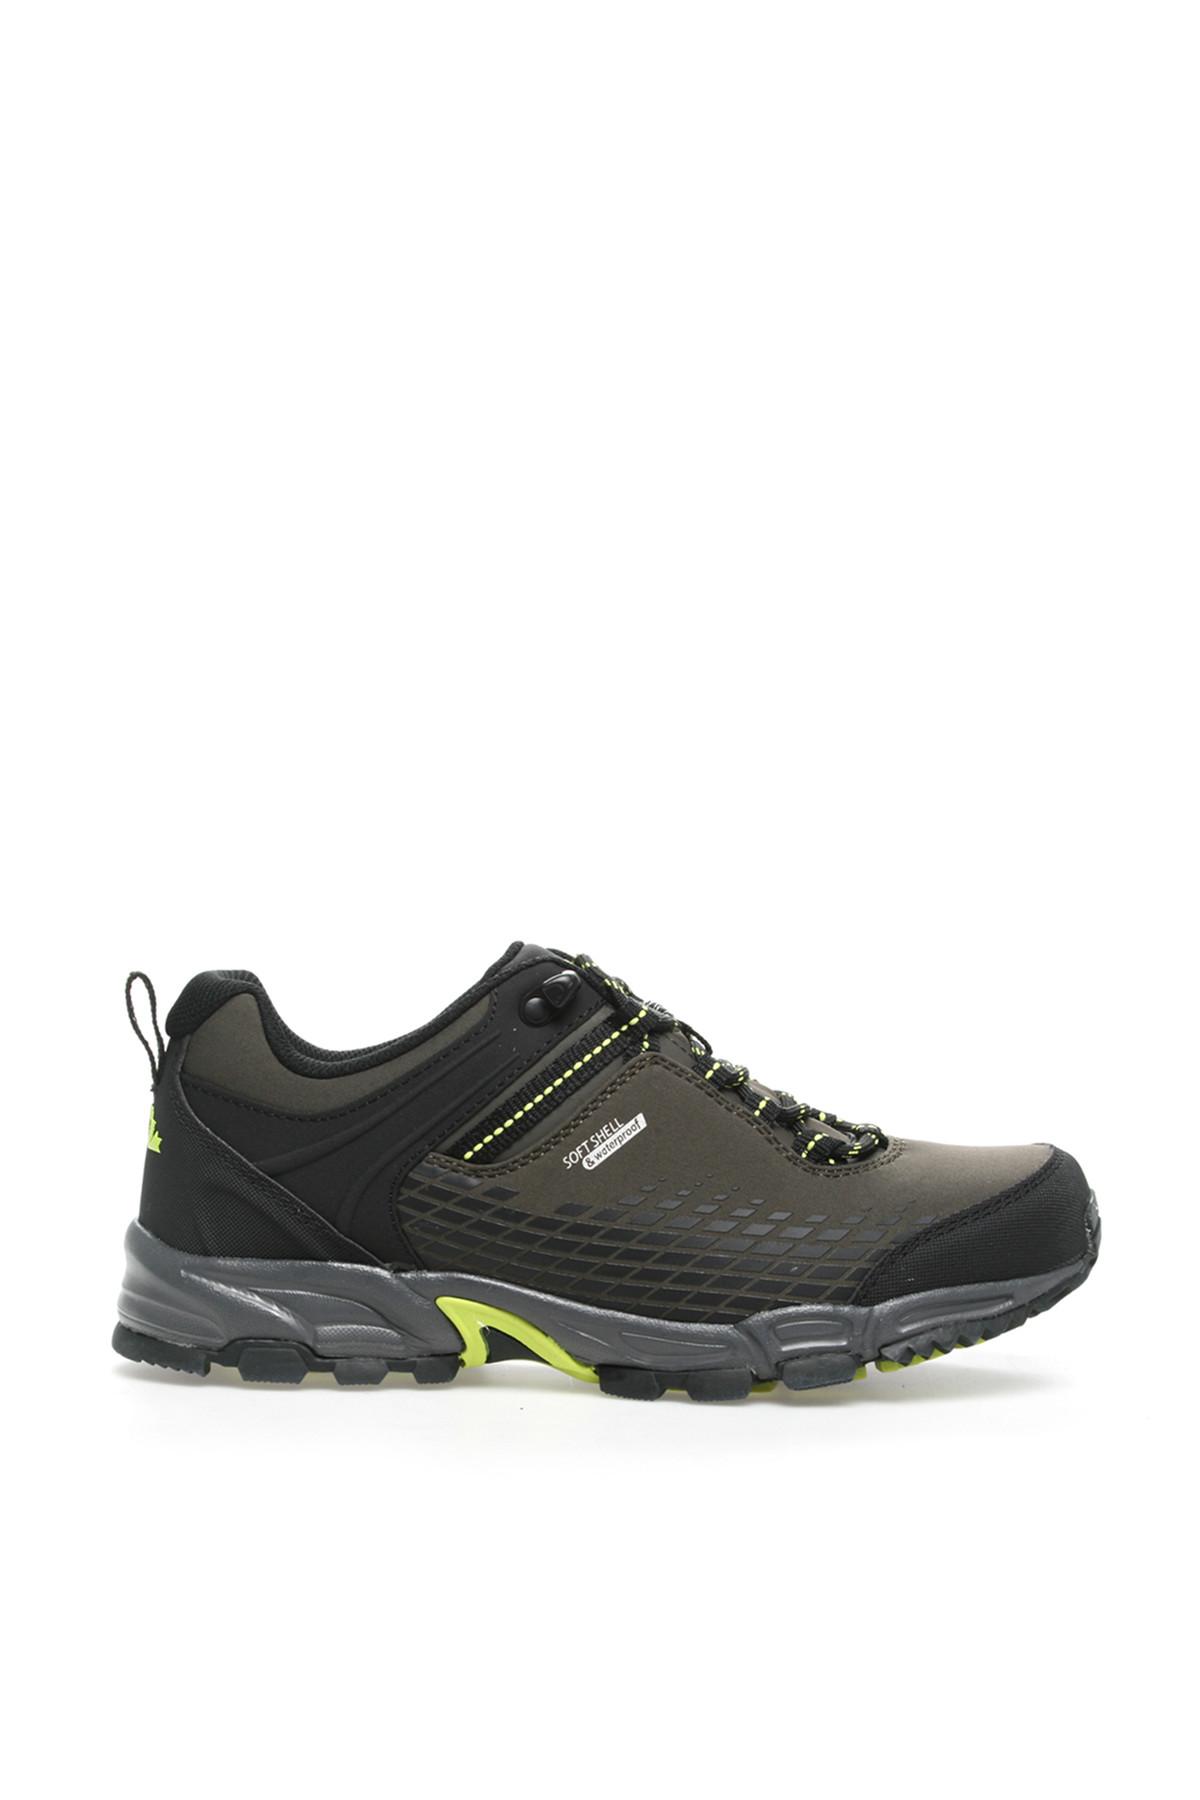 lumberjack Su Geçirmez Haki Erkek Ayakkabı FLAKE 1